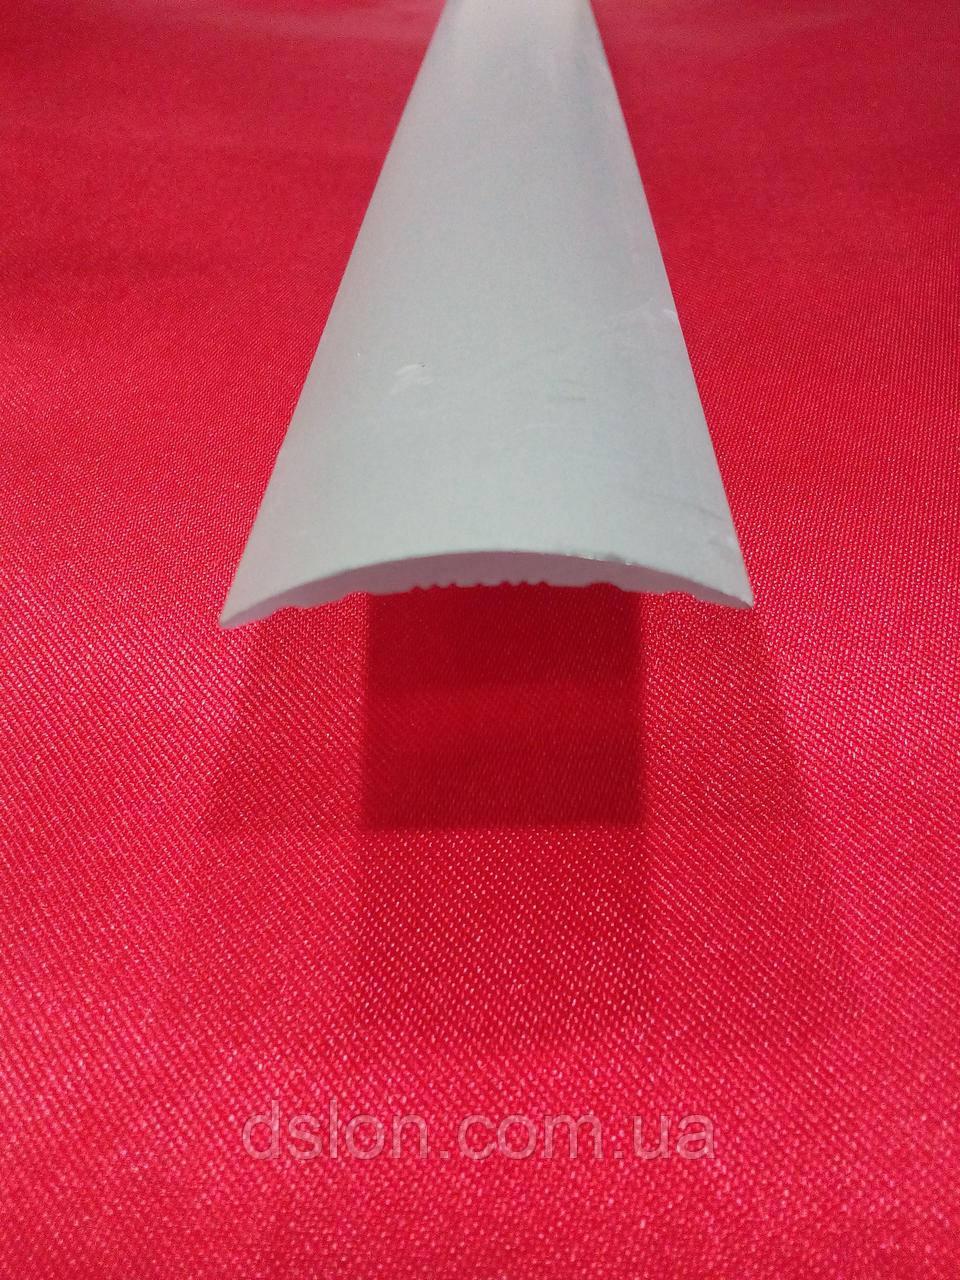 Порог плоский алюминиевый анод. 4,5*29 мм c отверстиями